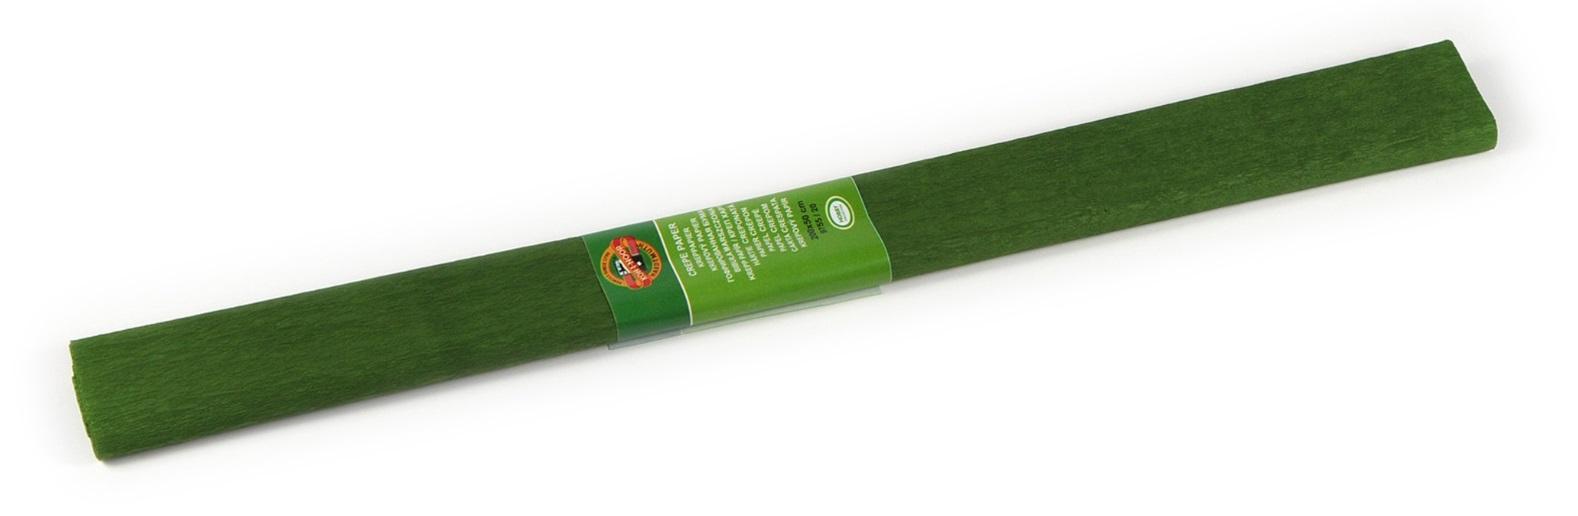 Krepový papír 50 x 200 cm, olivově zelený, KOH-I-NOOR